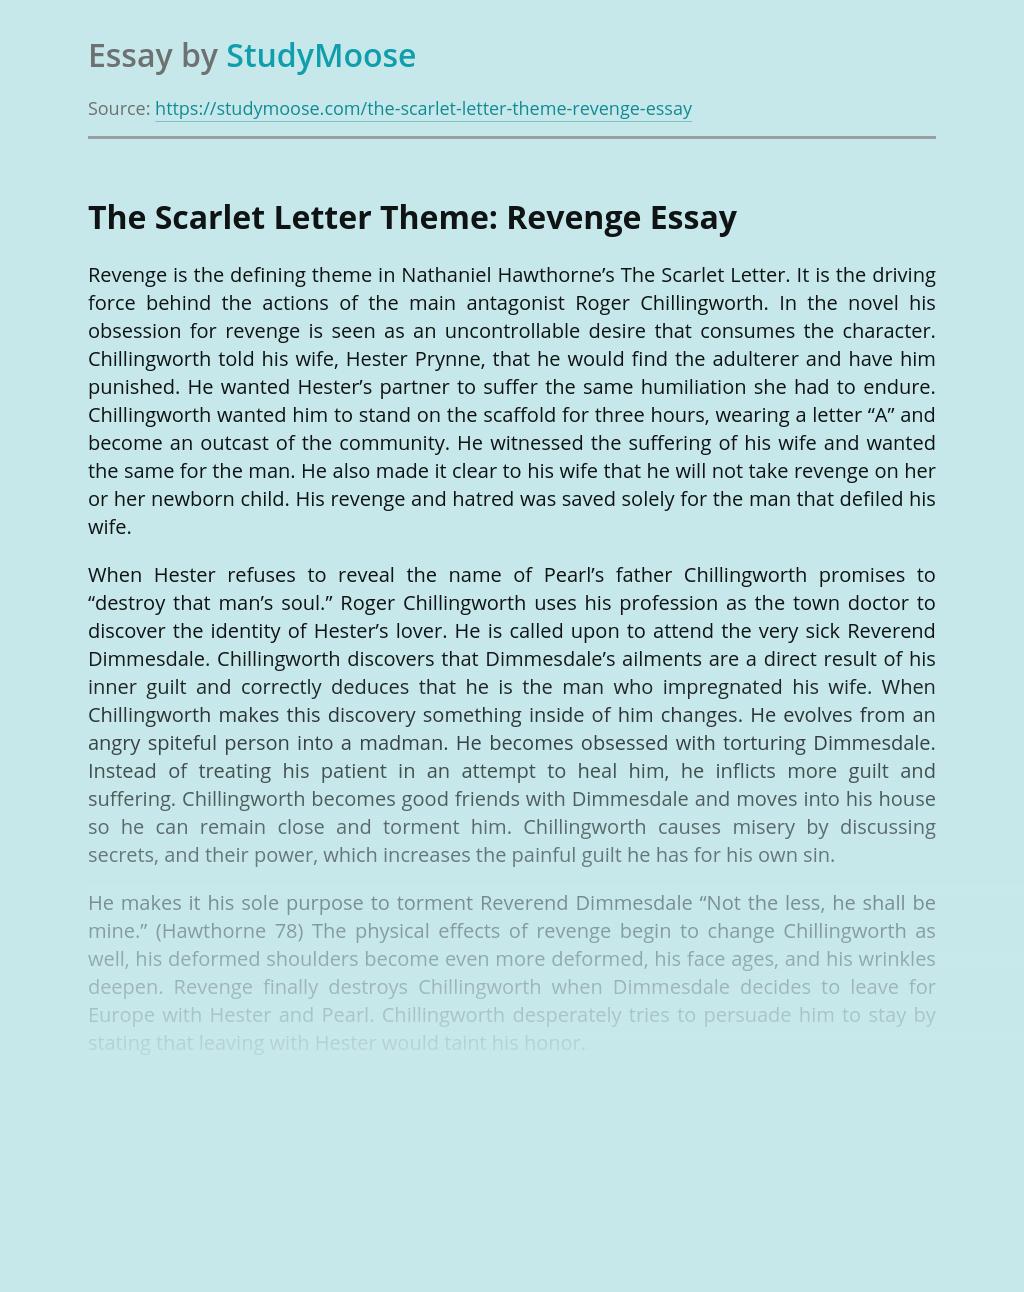 The Scarlet Letter Theme: Revenge